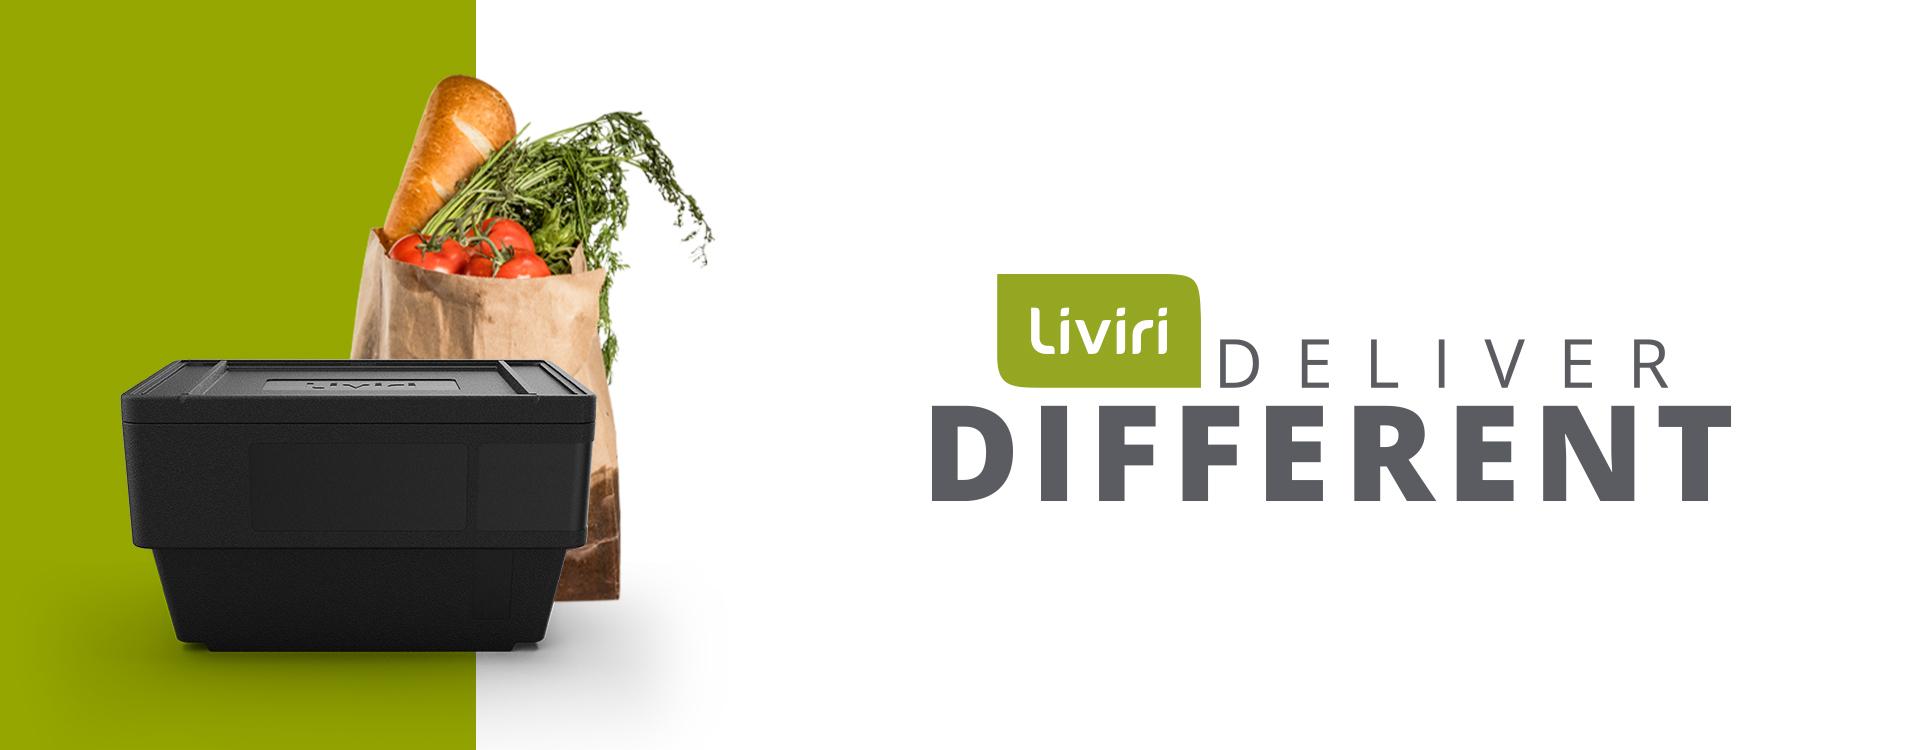 Liviri Home